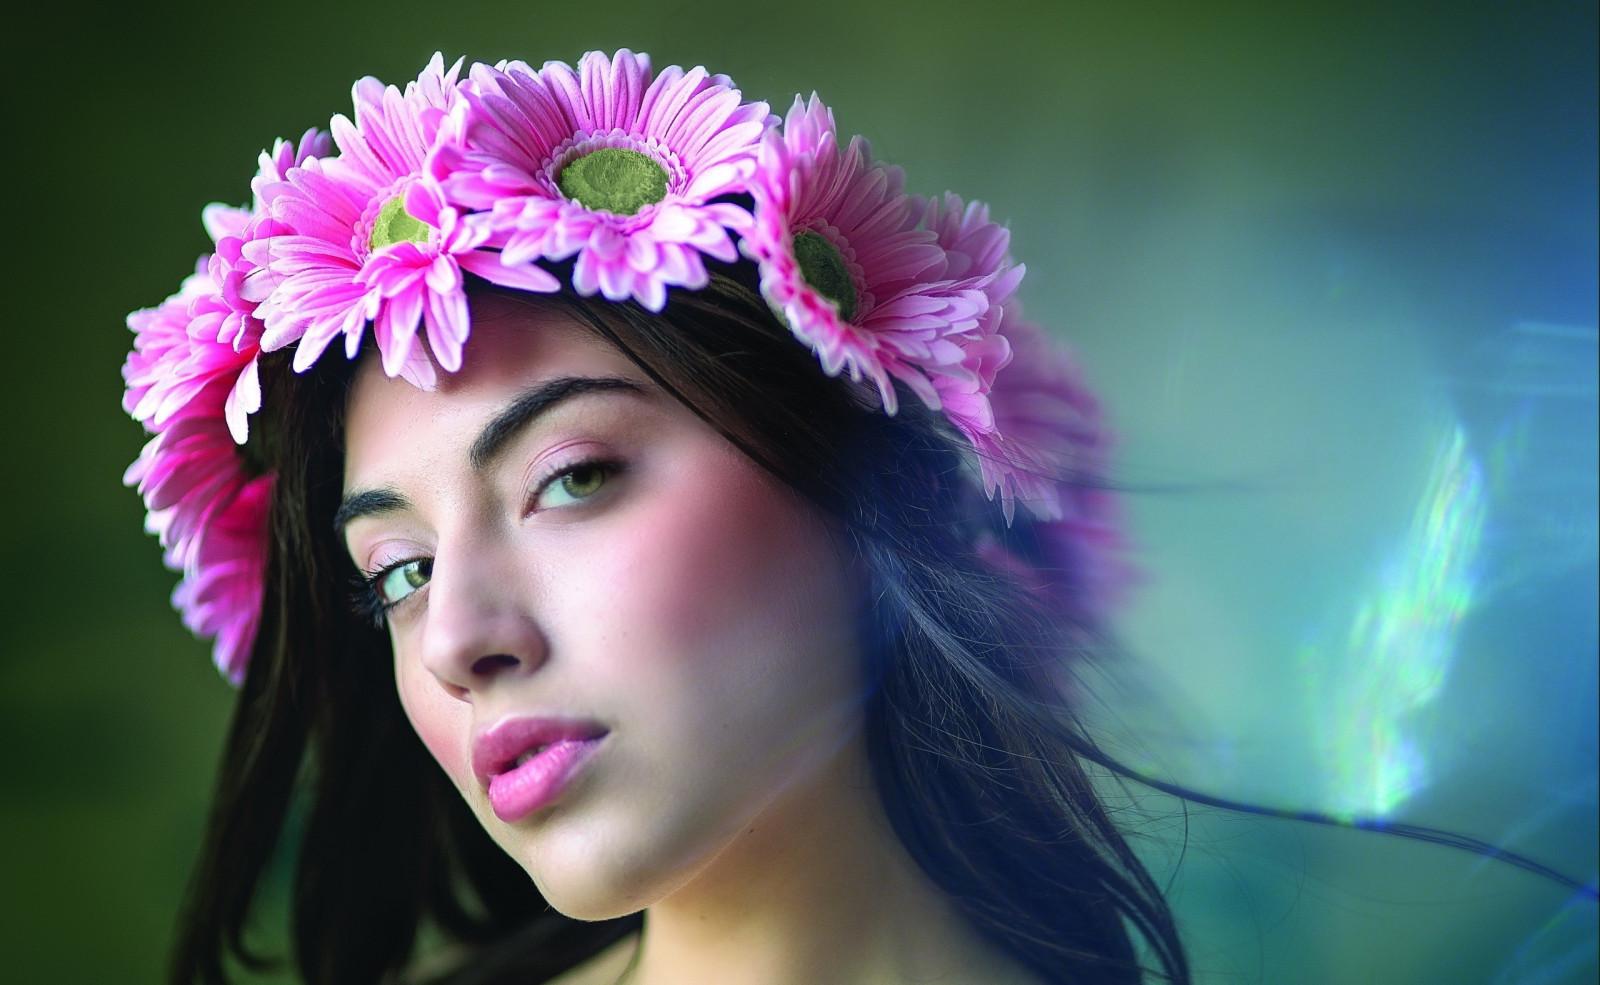 Картинки девушки о красоте